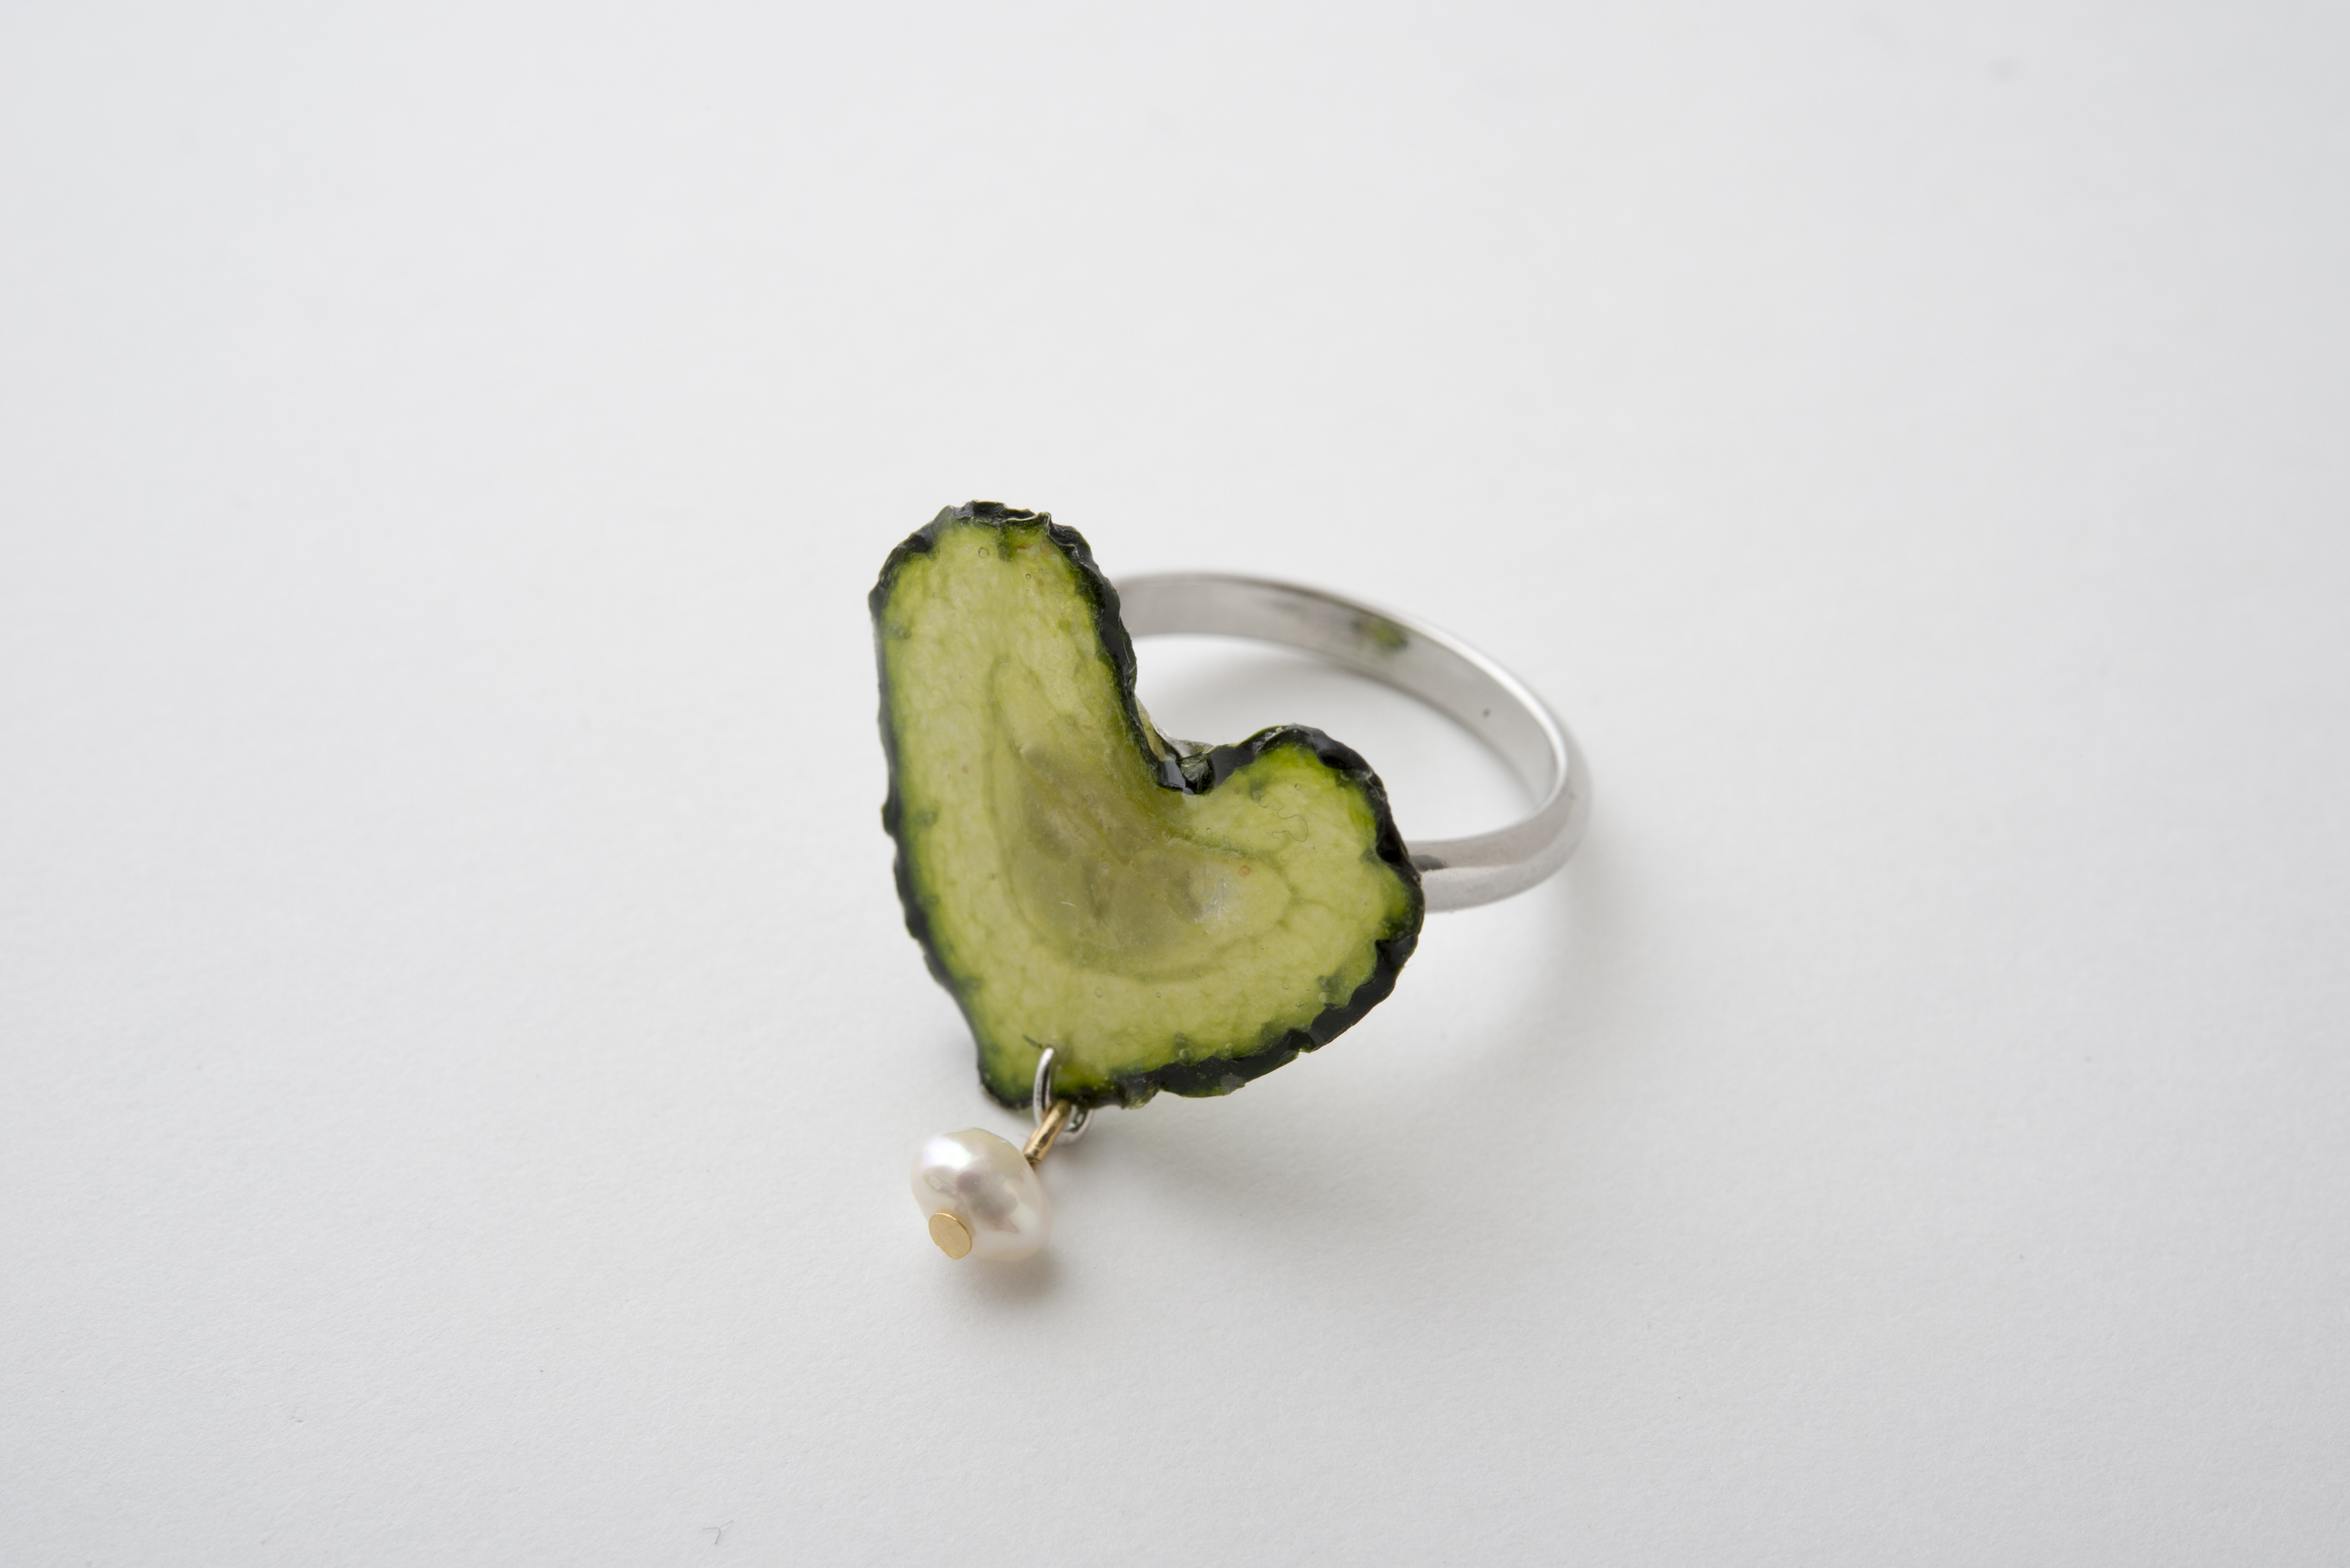 キュウリの指輪